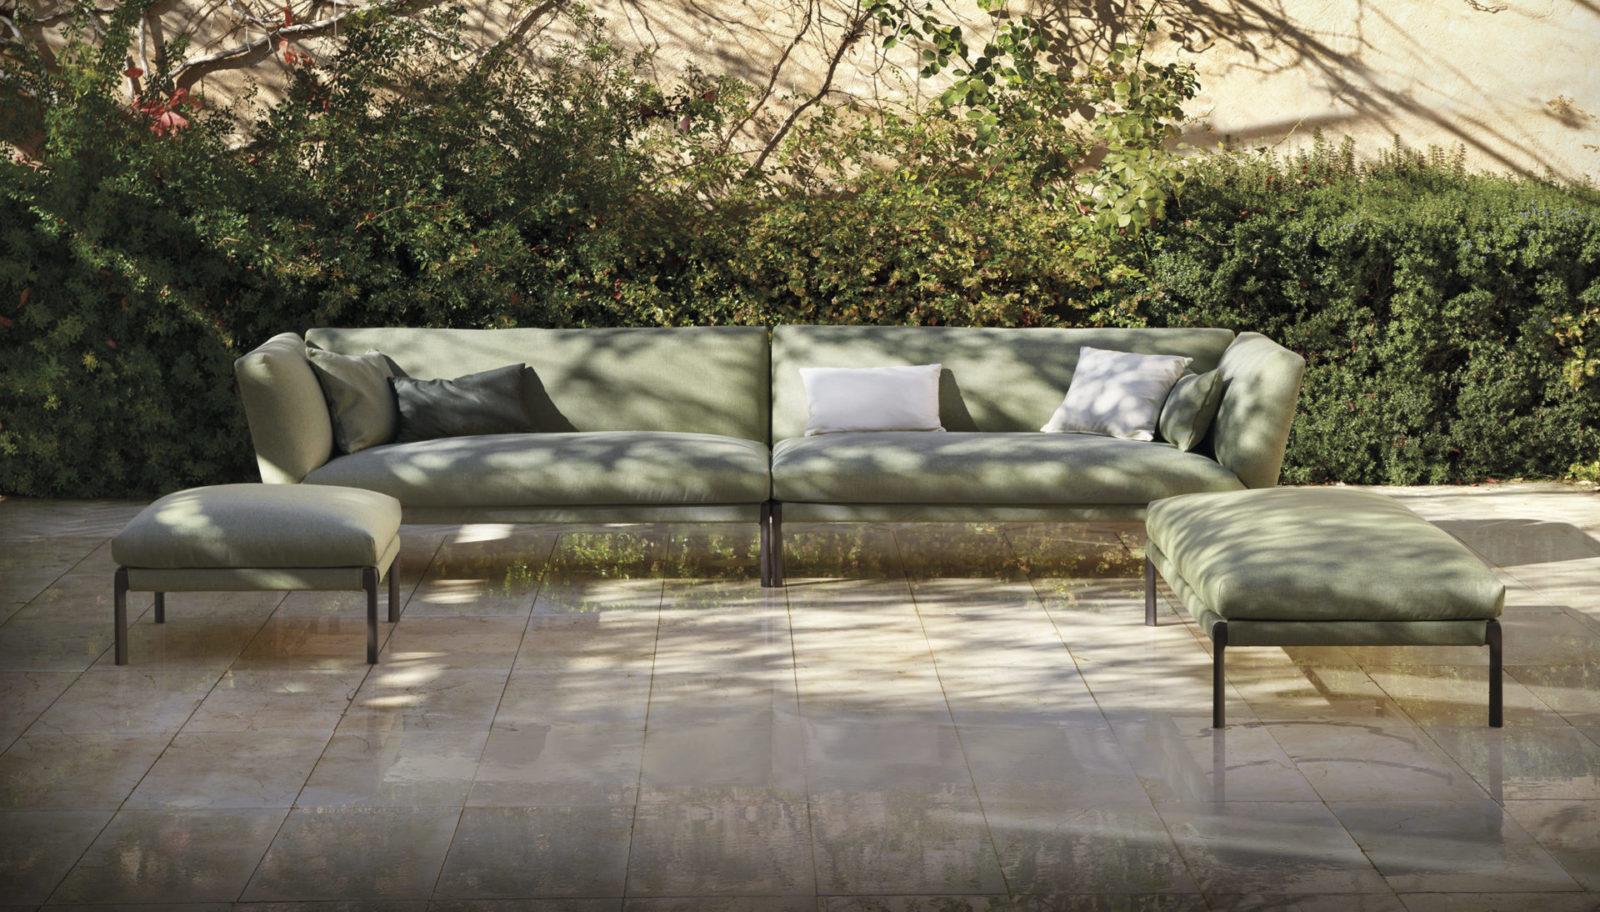 expormim livit salon de jardin haut de gamme design bordeaux arcachon cap ferret buxus